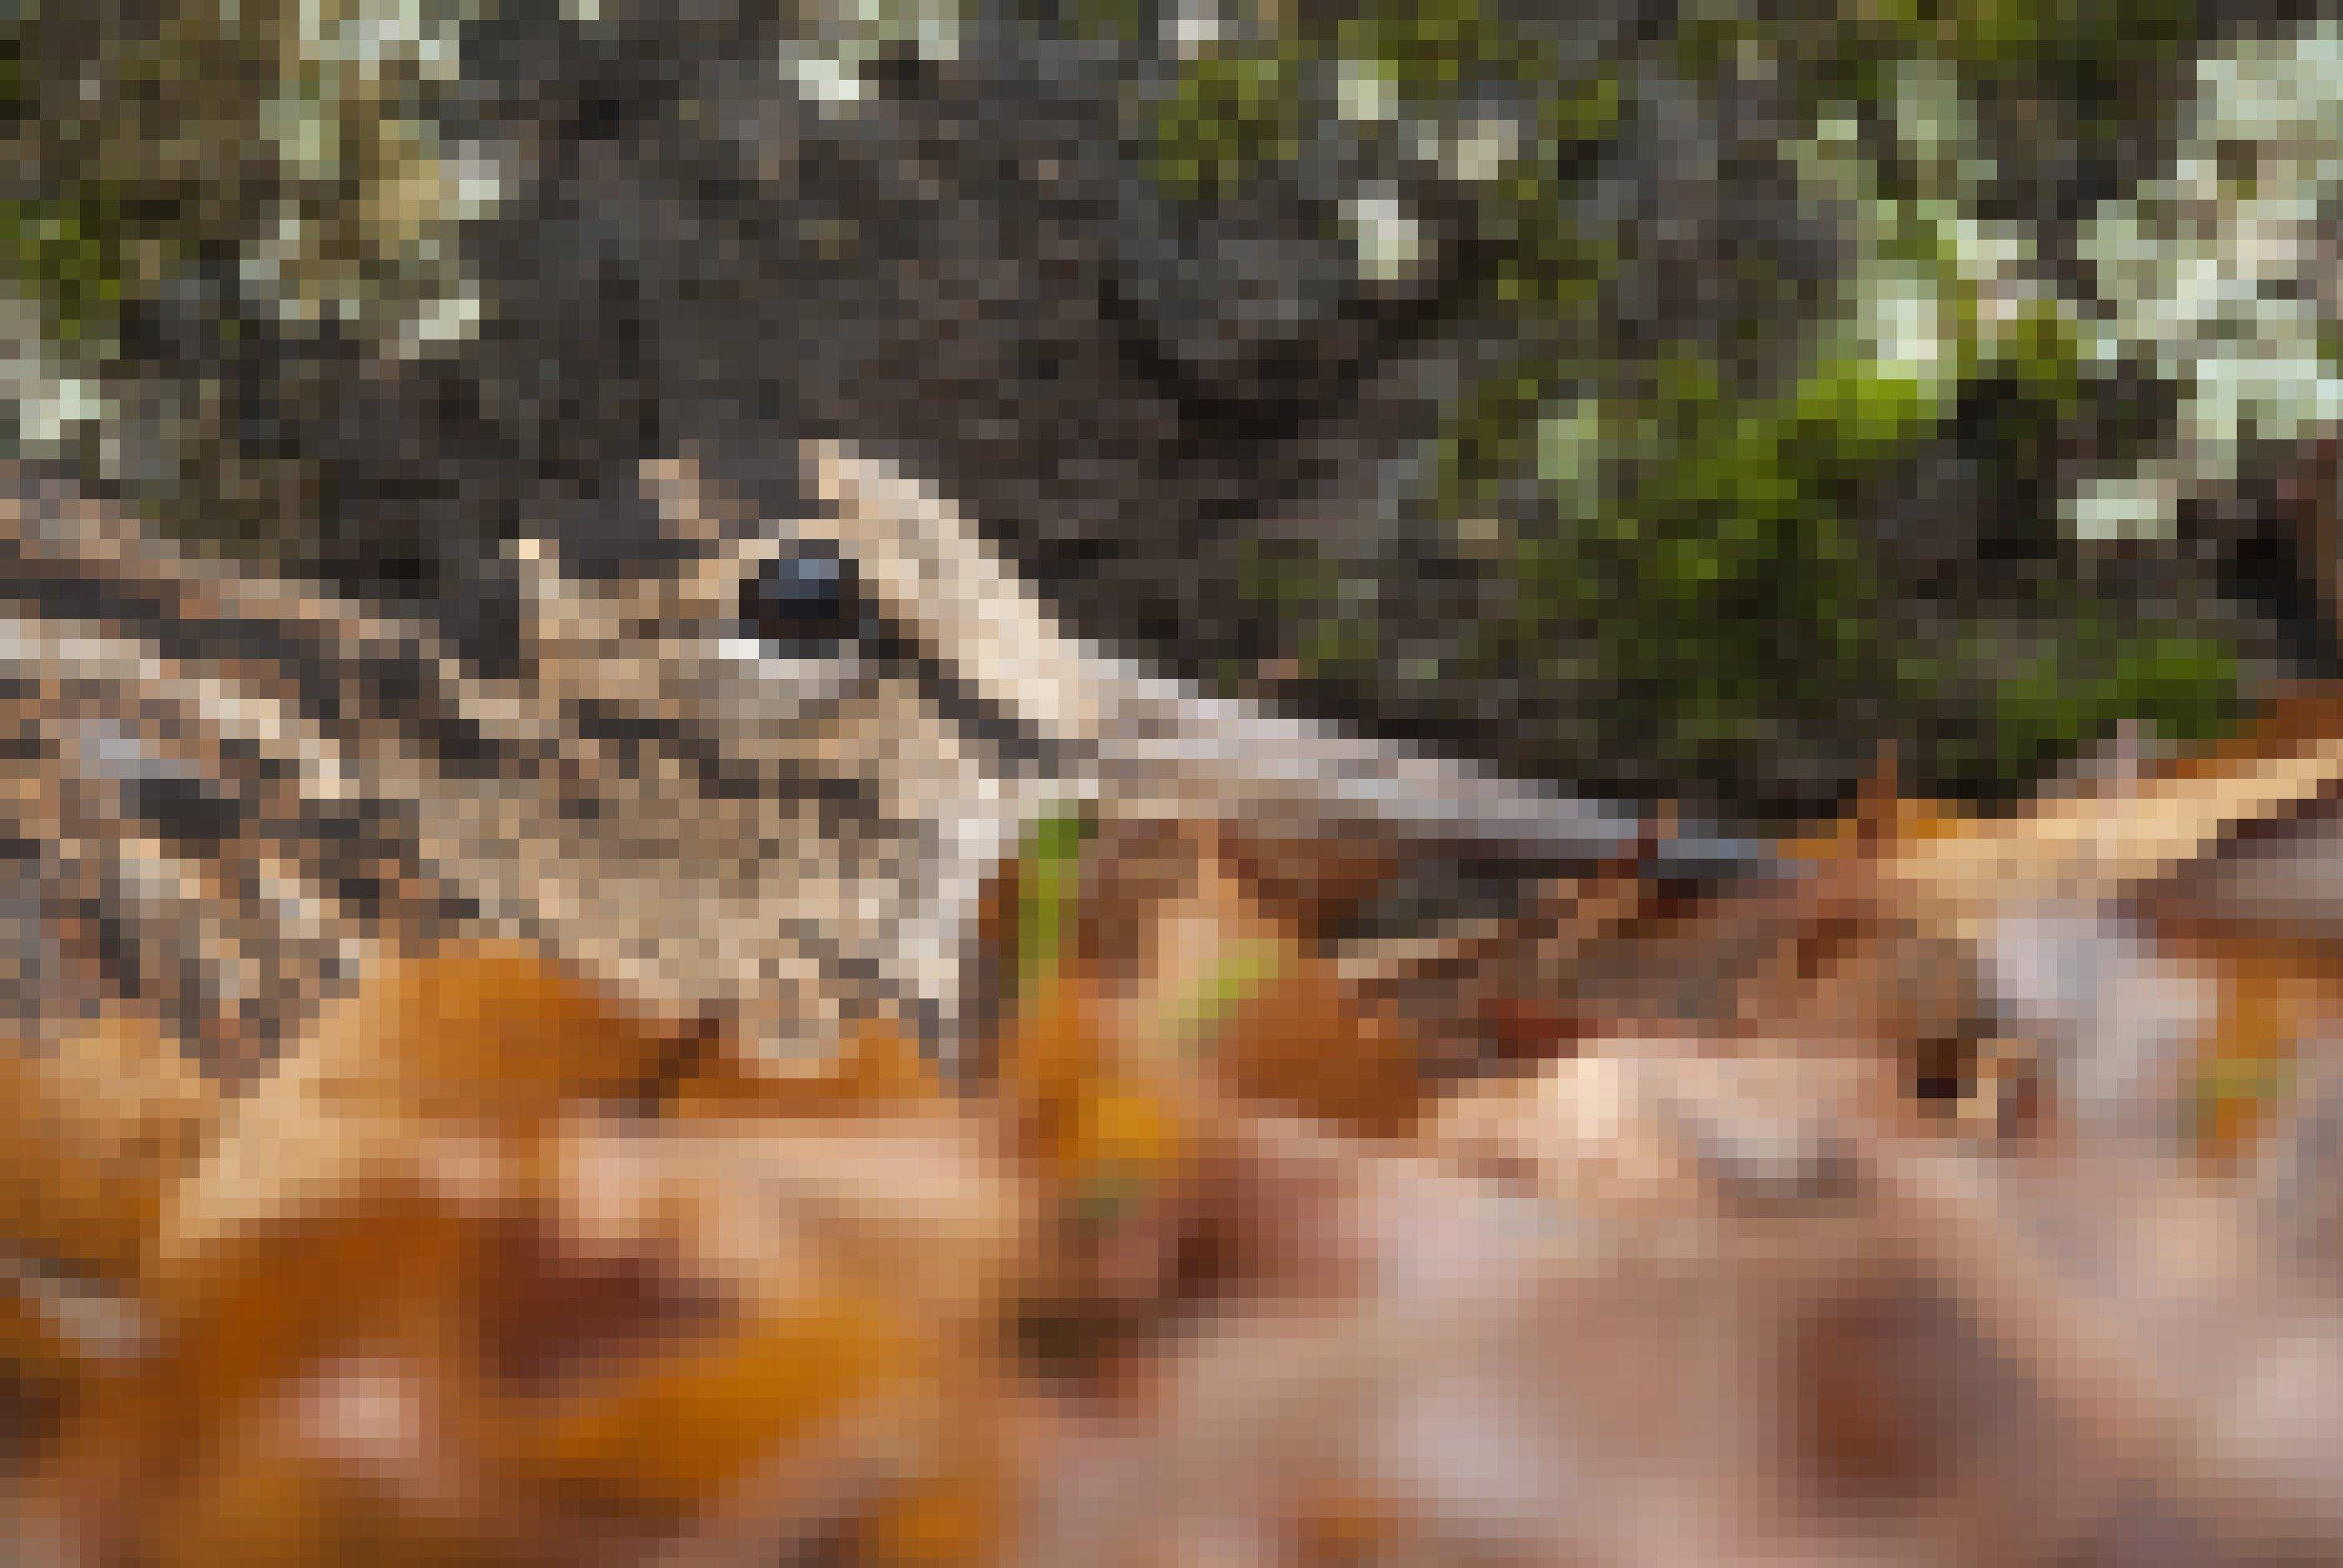 Eine Waldschnepfe sitzt gut getarnt zwischen braunen Blättern auf dem Waldboden.